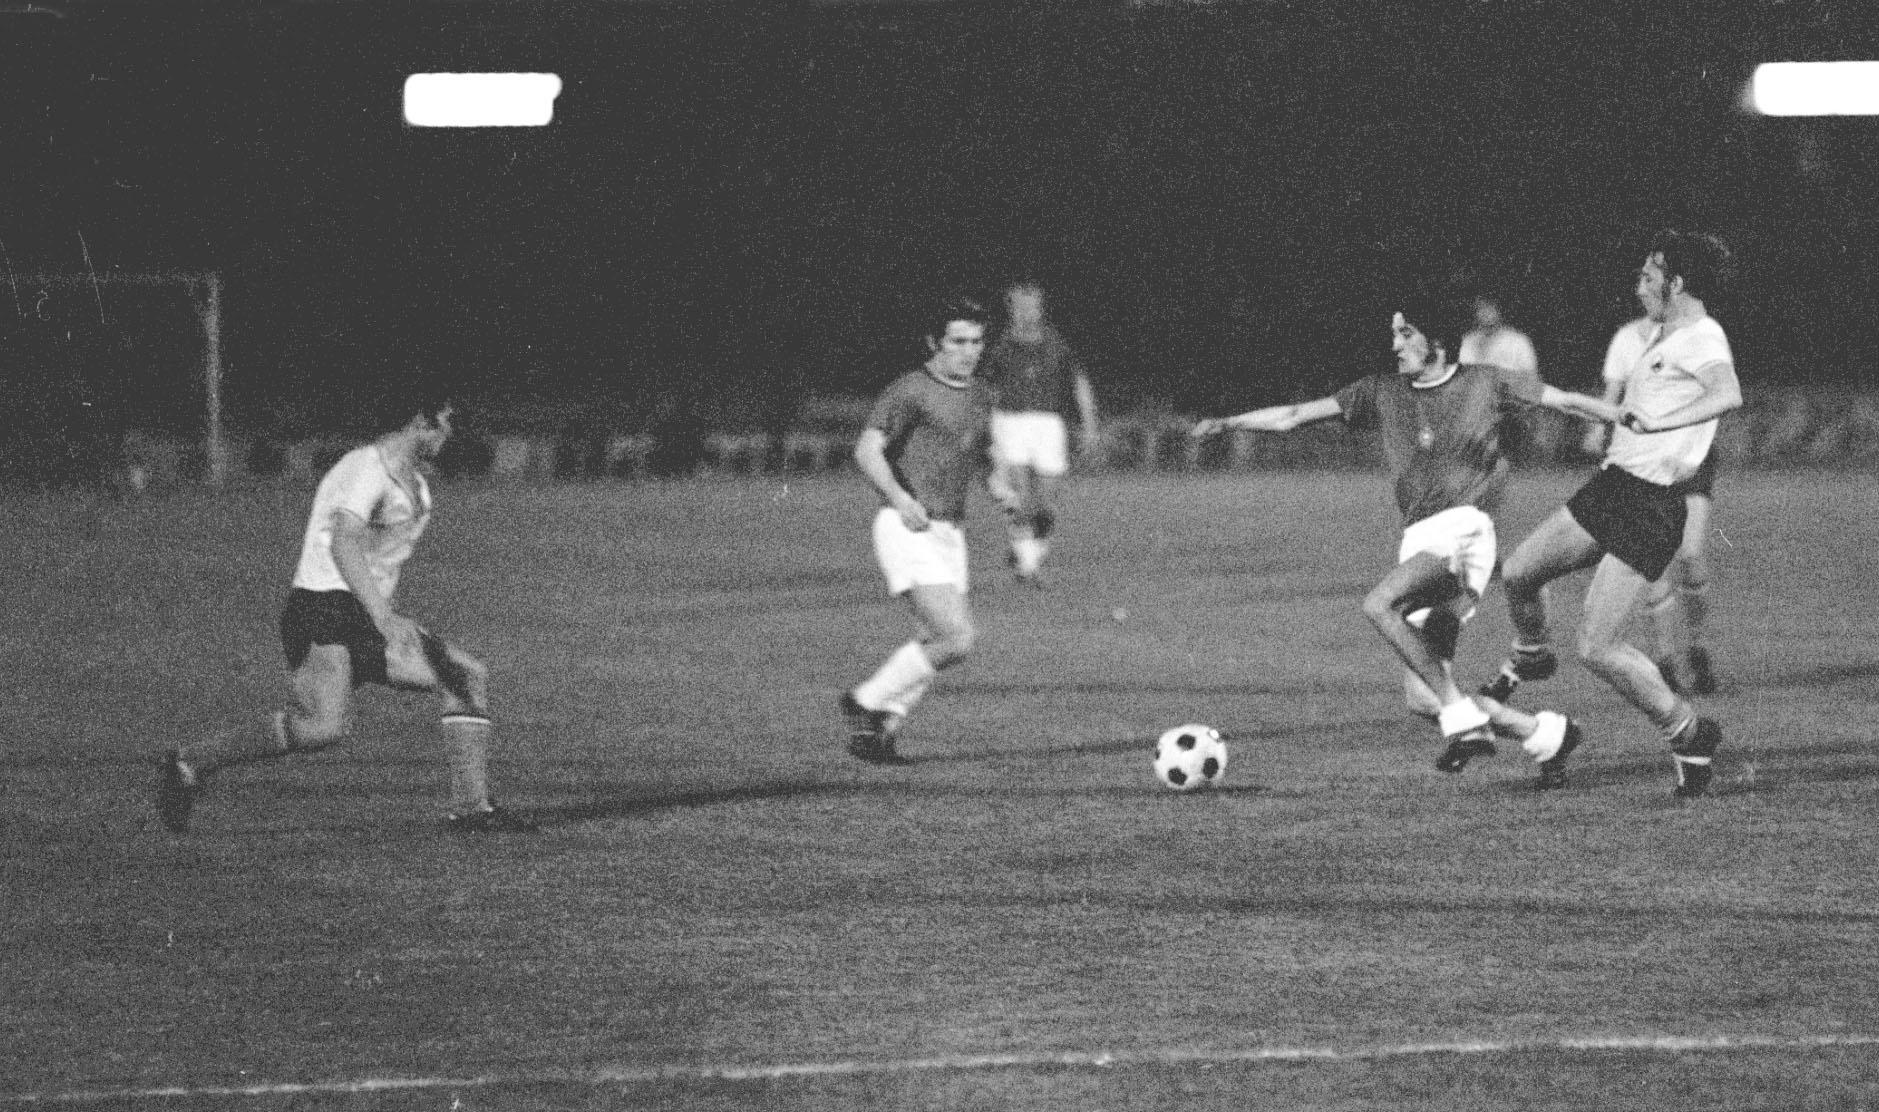 A magyar válogatott 1972-ben negyedik lett az Eb-n